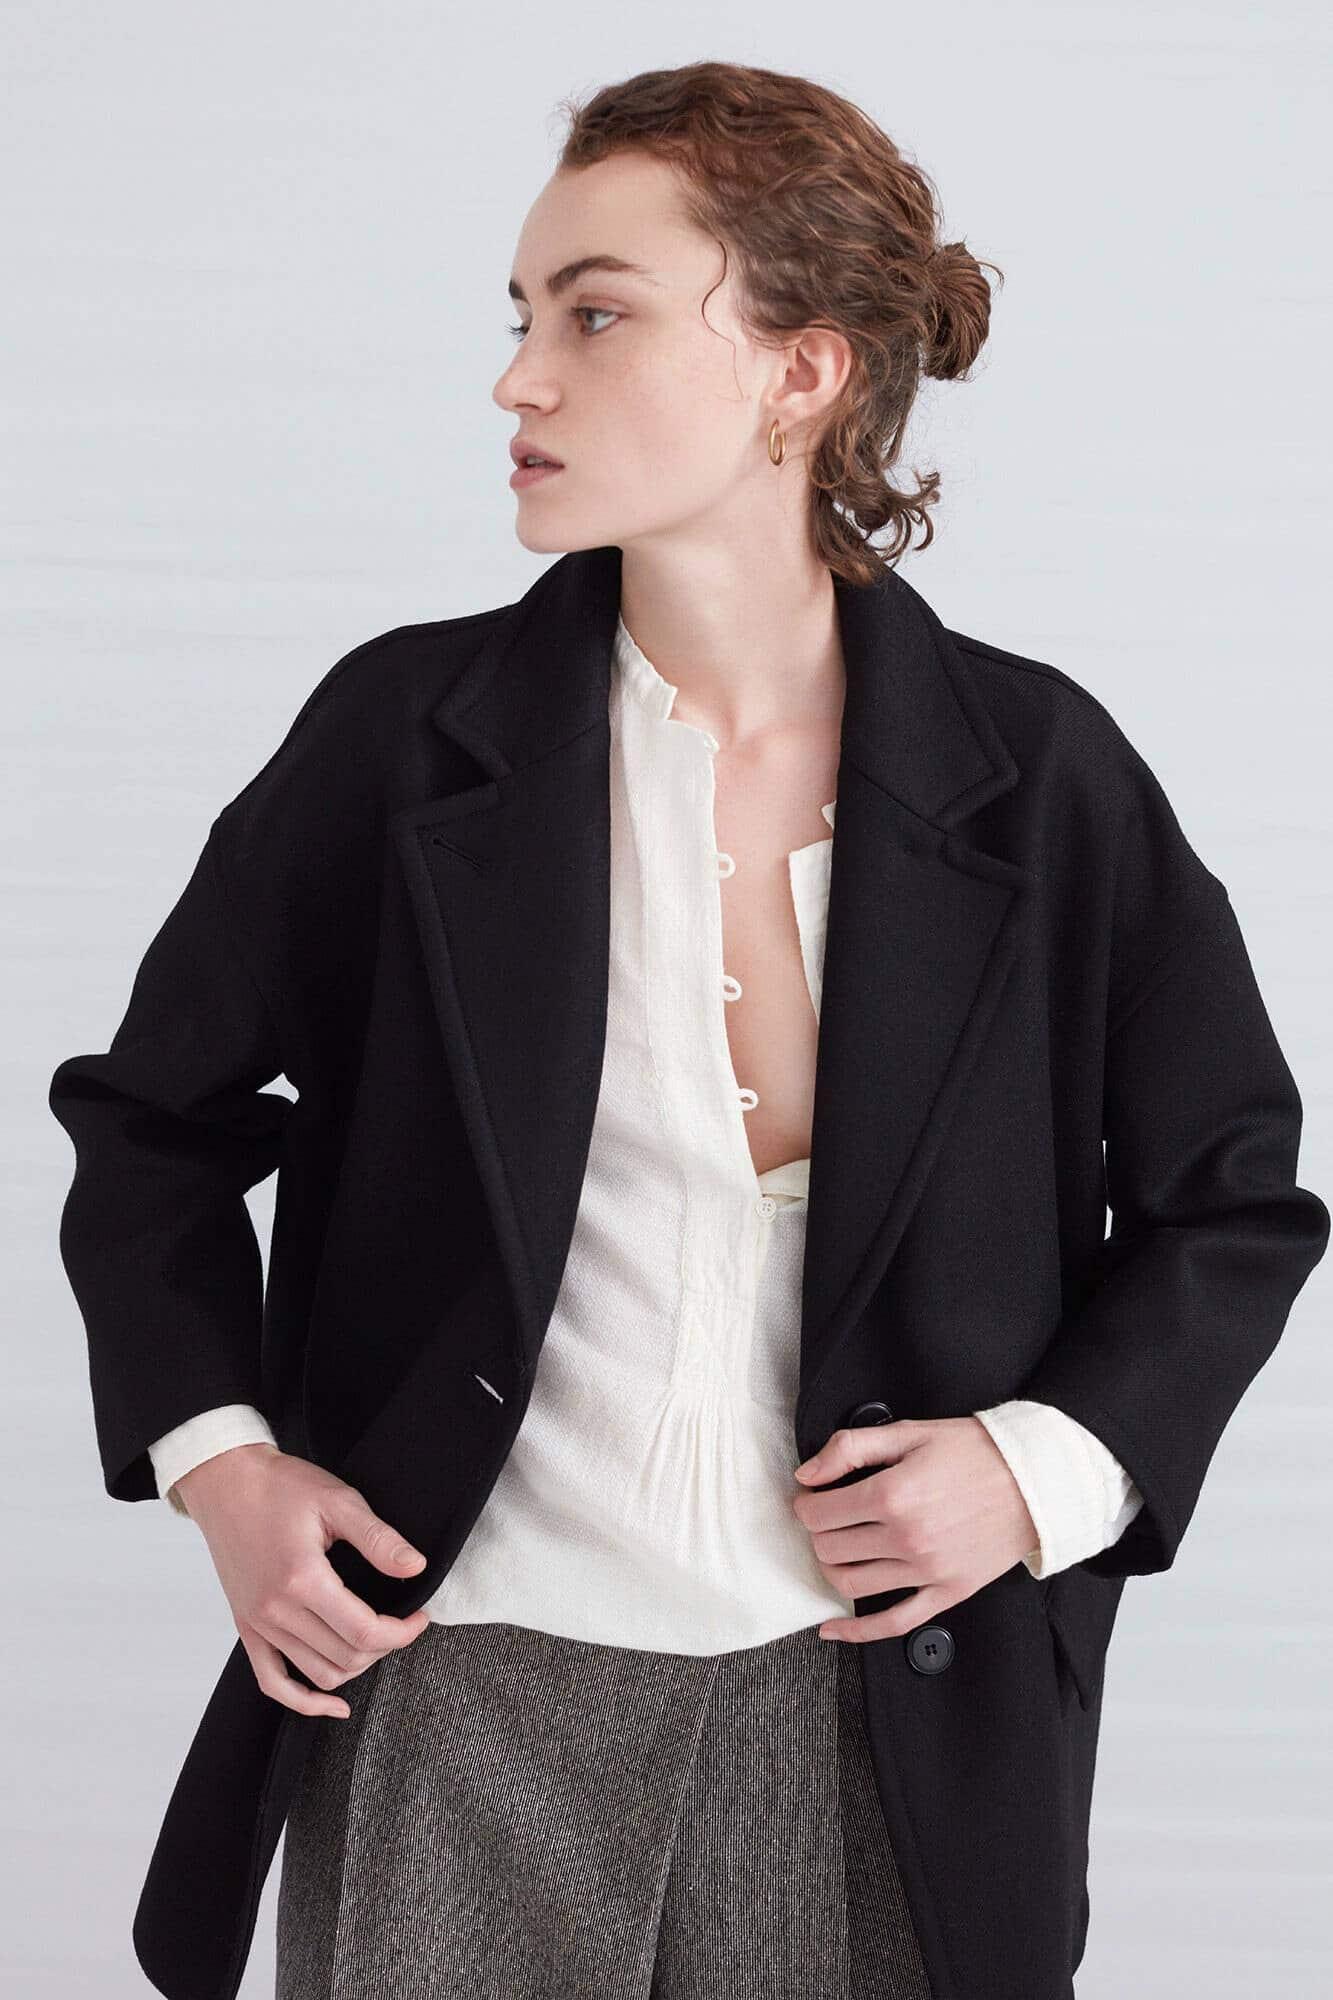 manteau navy bohème chic